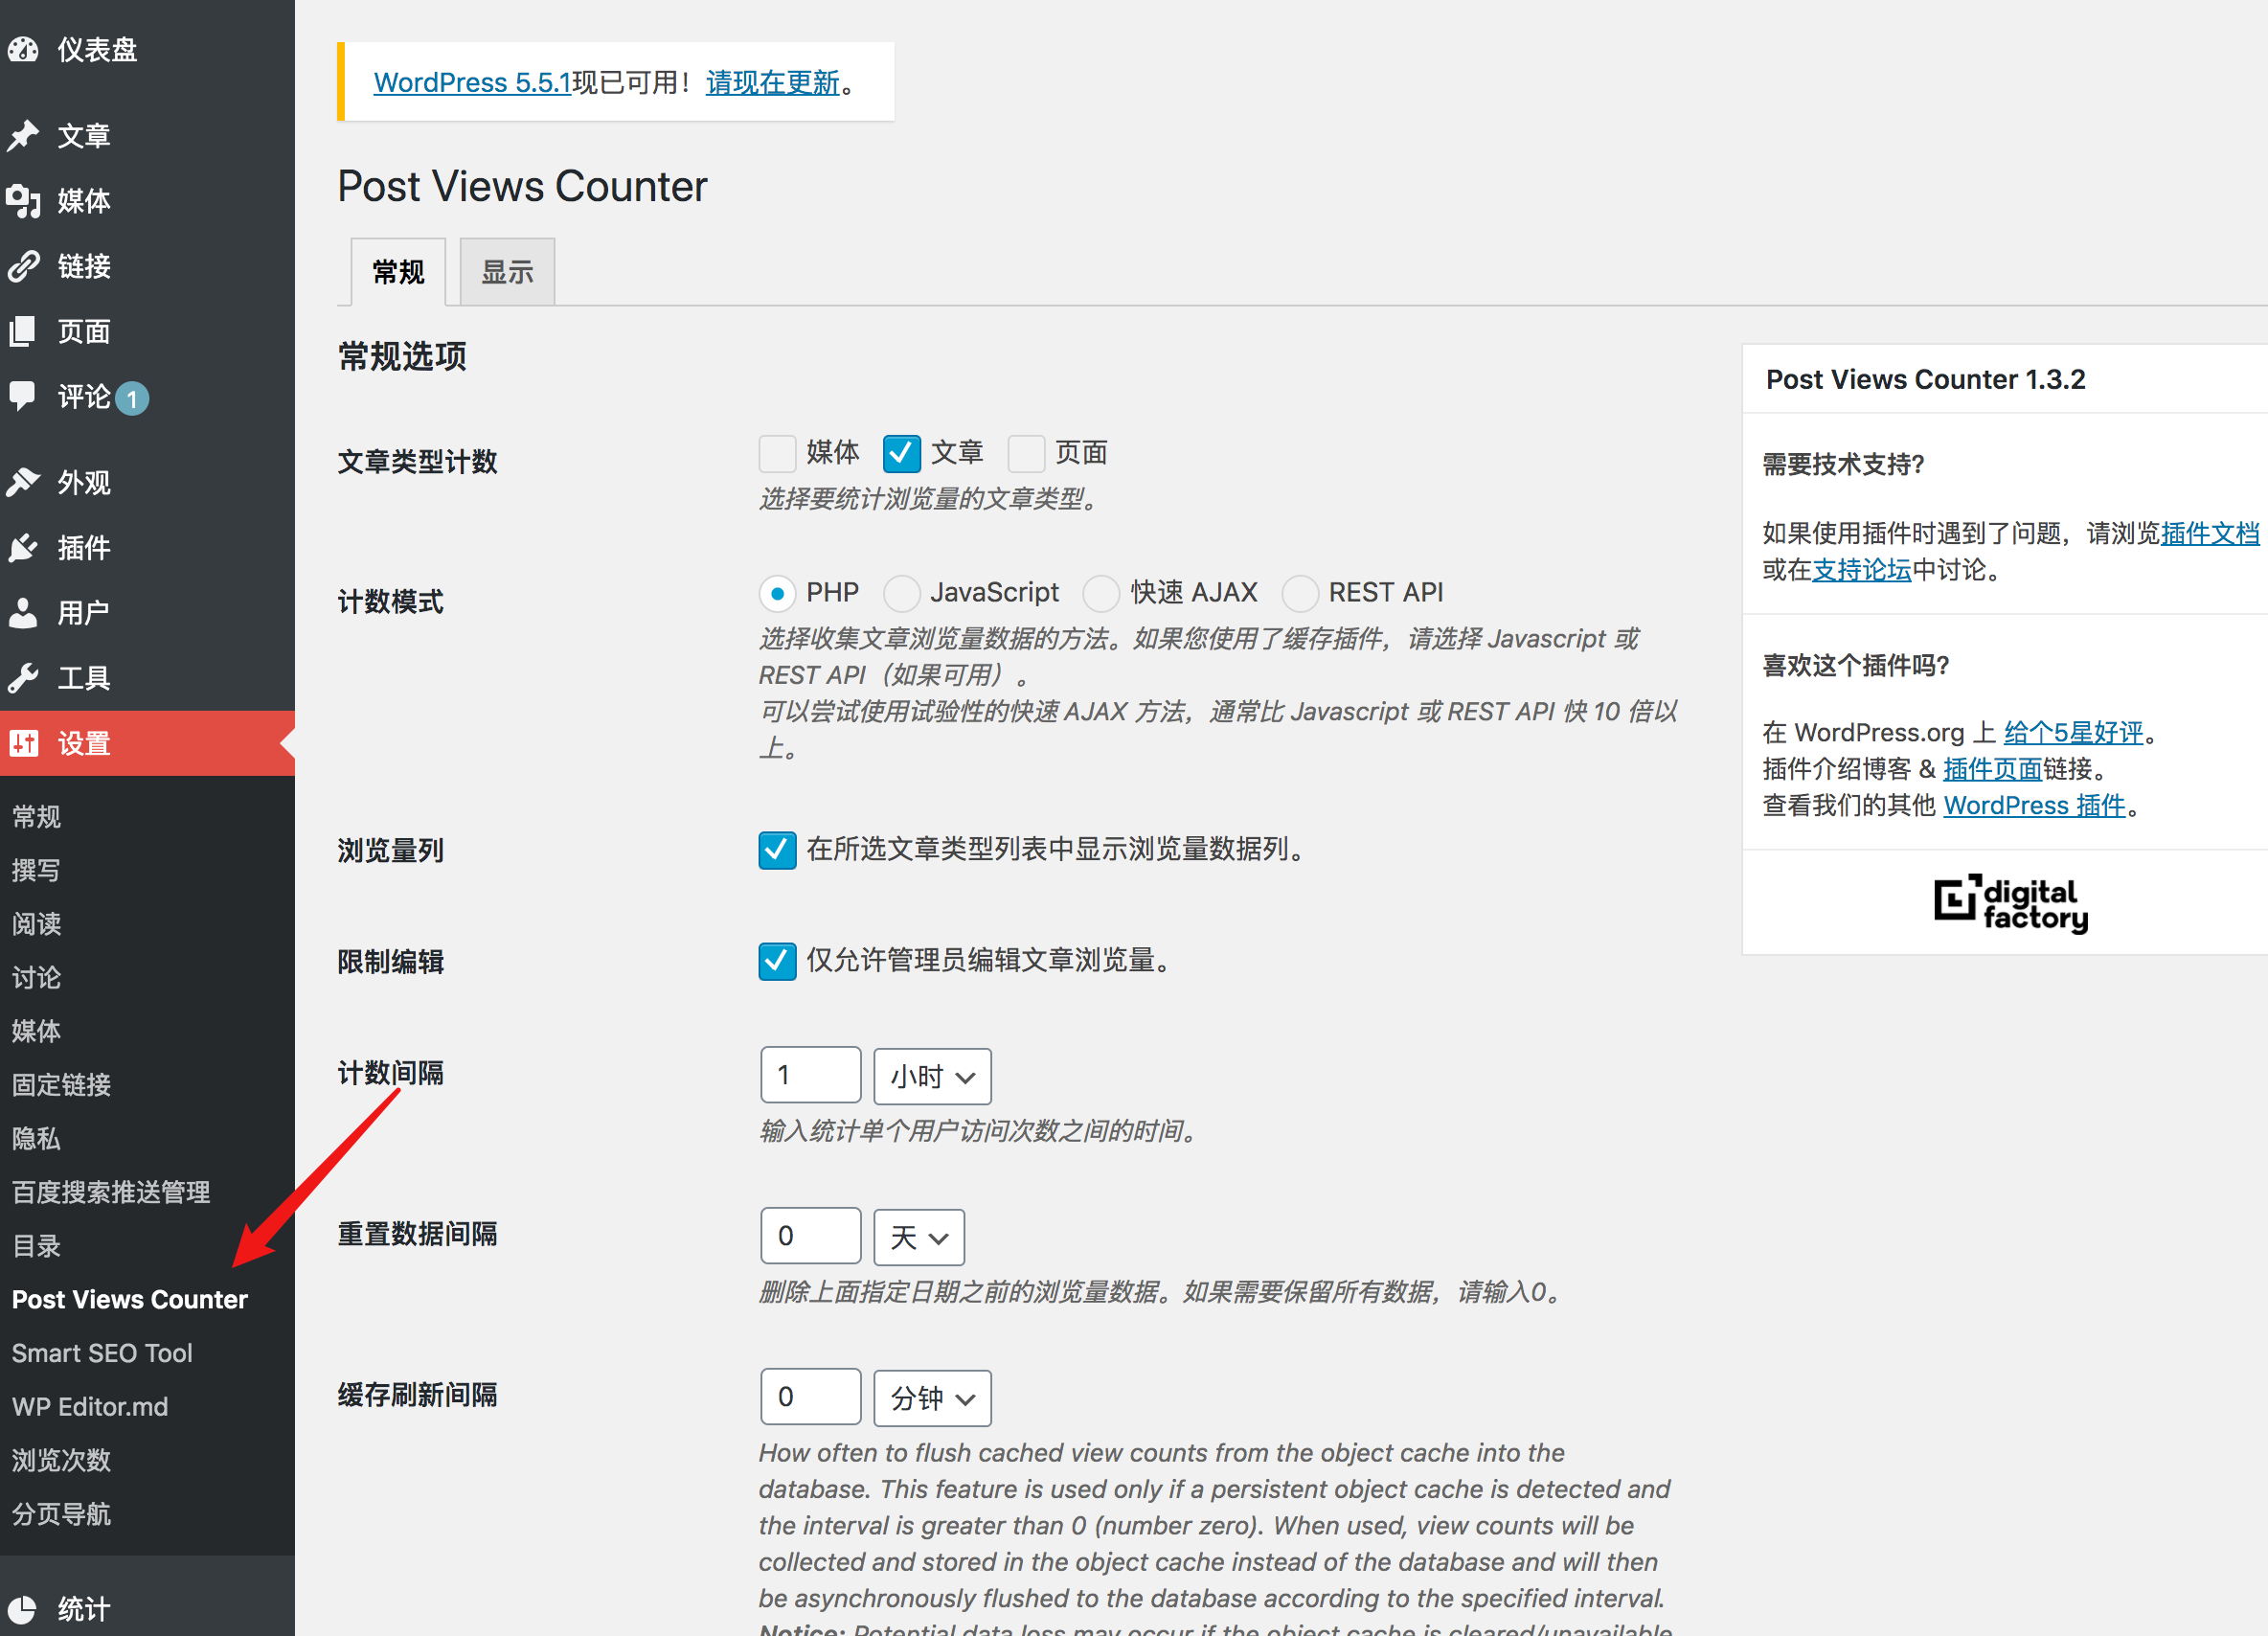 超详细图解 WordPress 搭建个人网站插图(29)